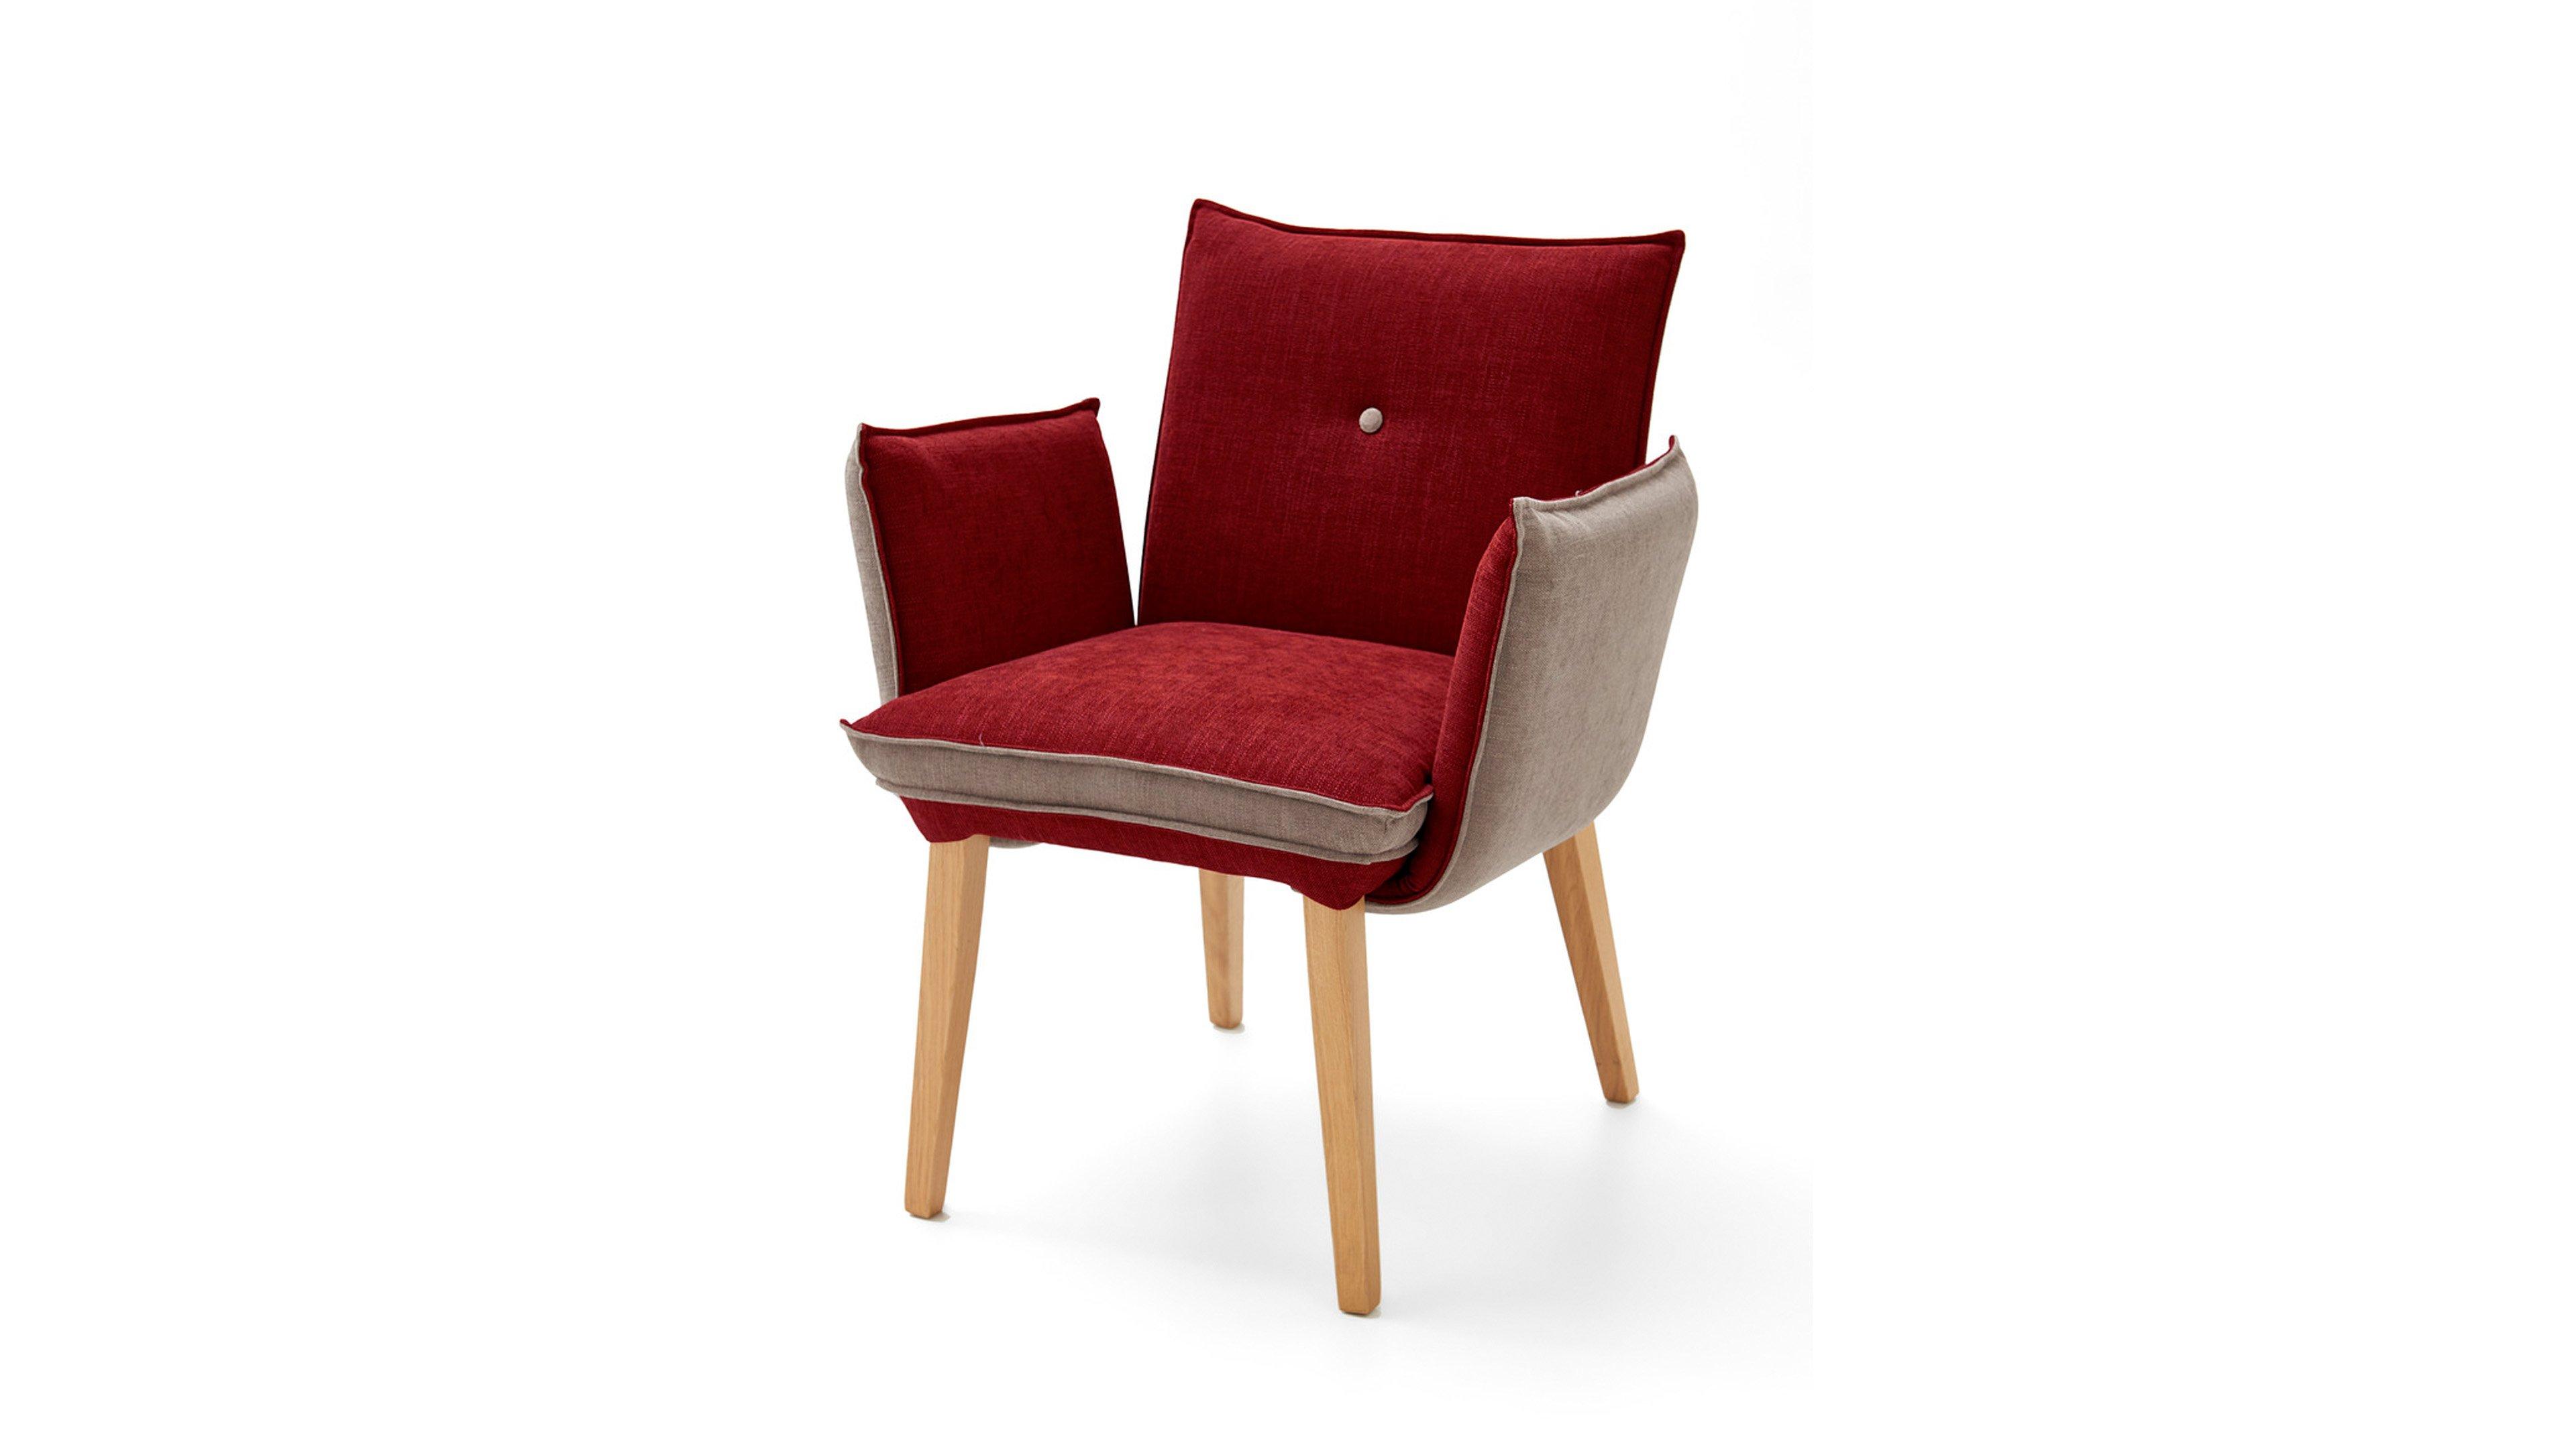 Sessel Stuhl Rot